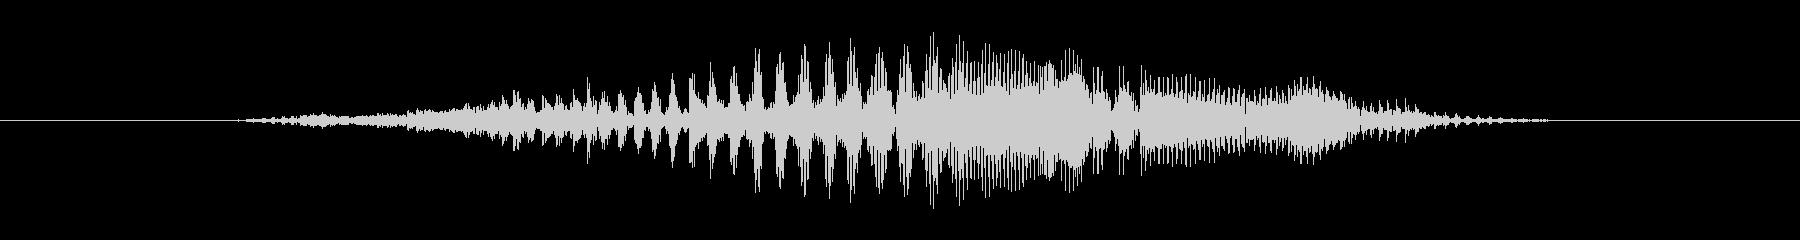 鳴き声 女性のシャウト02の未再生の波形